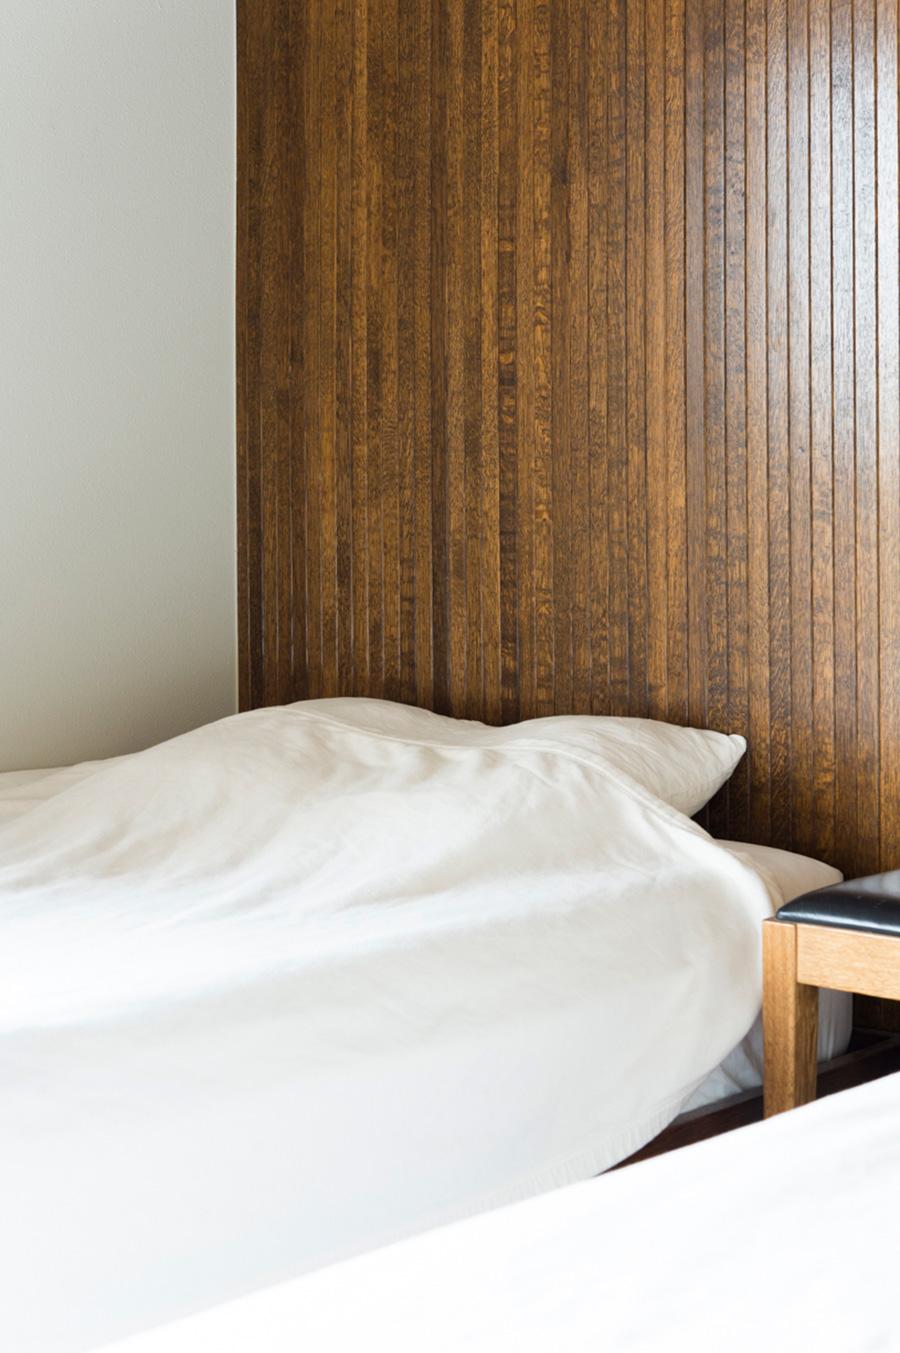 子供部屋の一面は、ベッド側だけナラ材を使用。湿気を吸収し、空気の浄化にもよい。